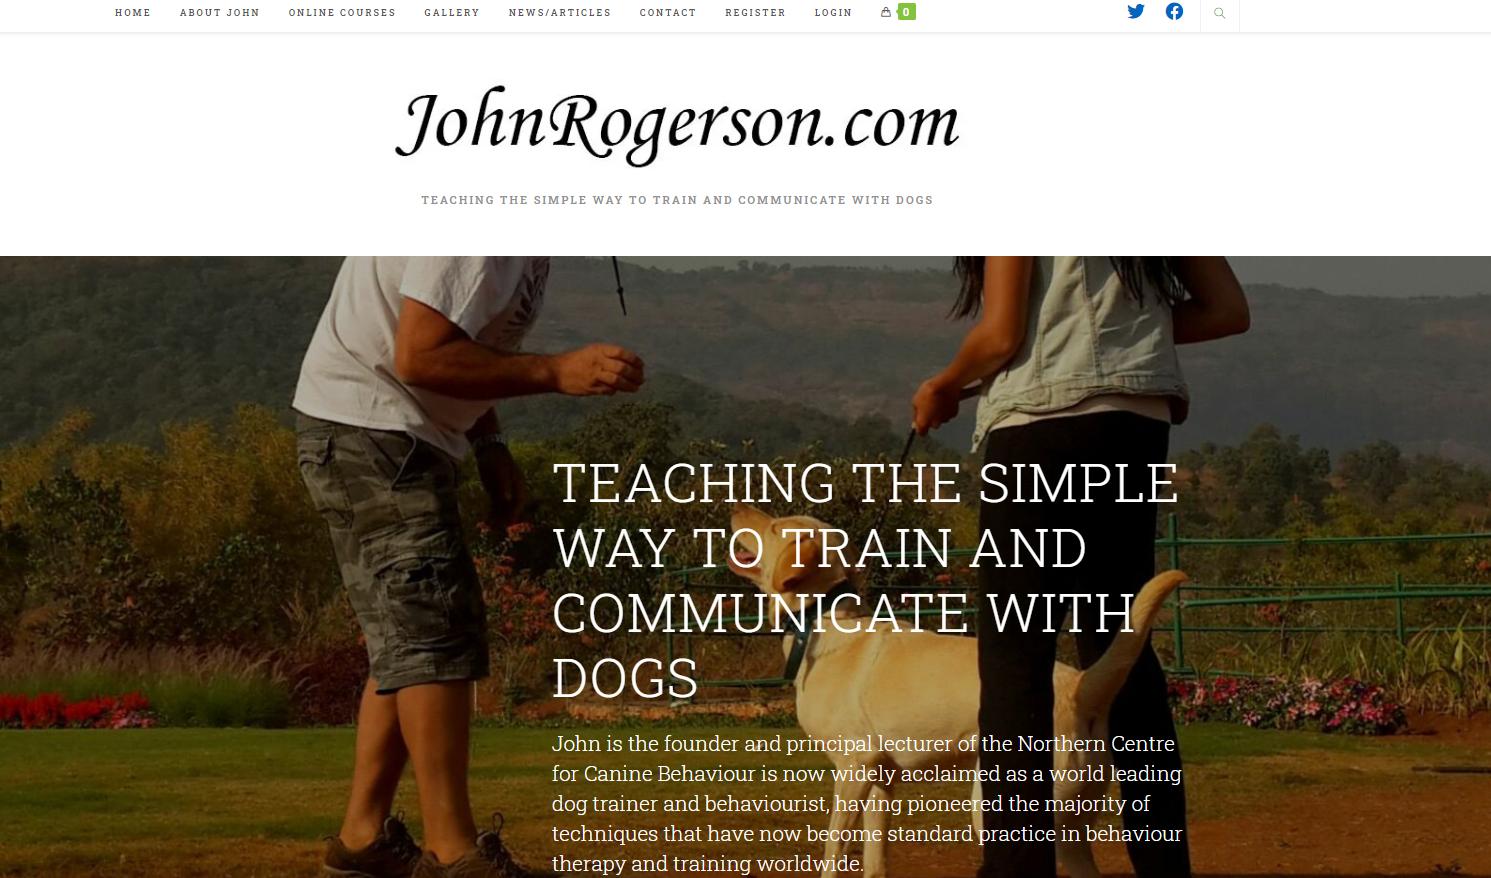 Johnrogerson.com